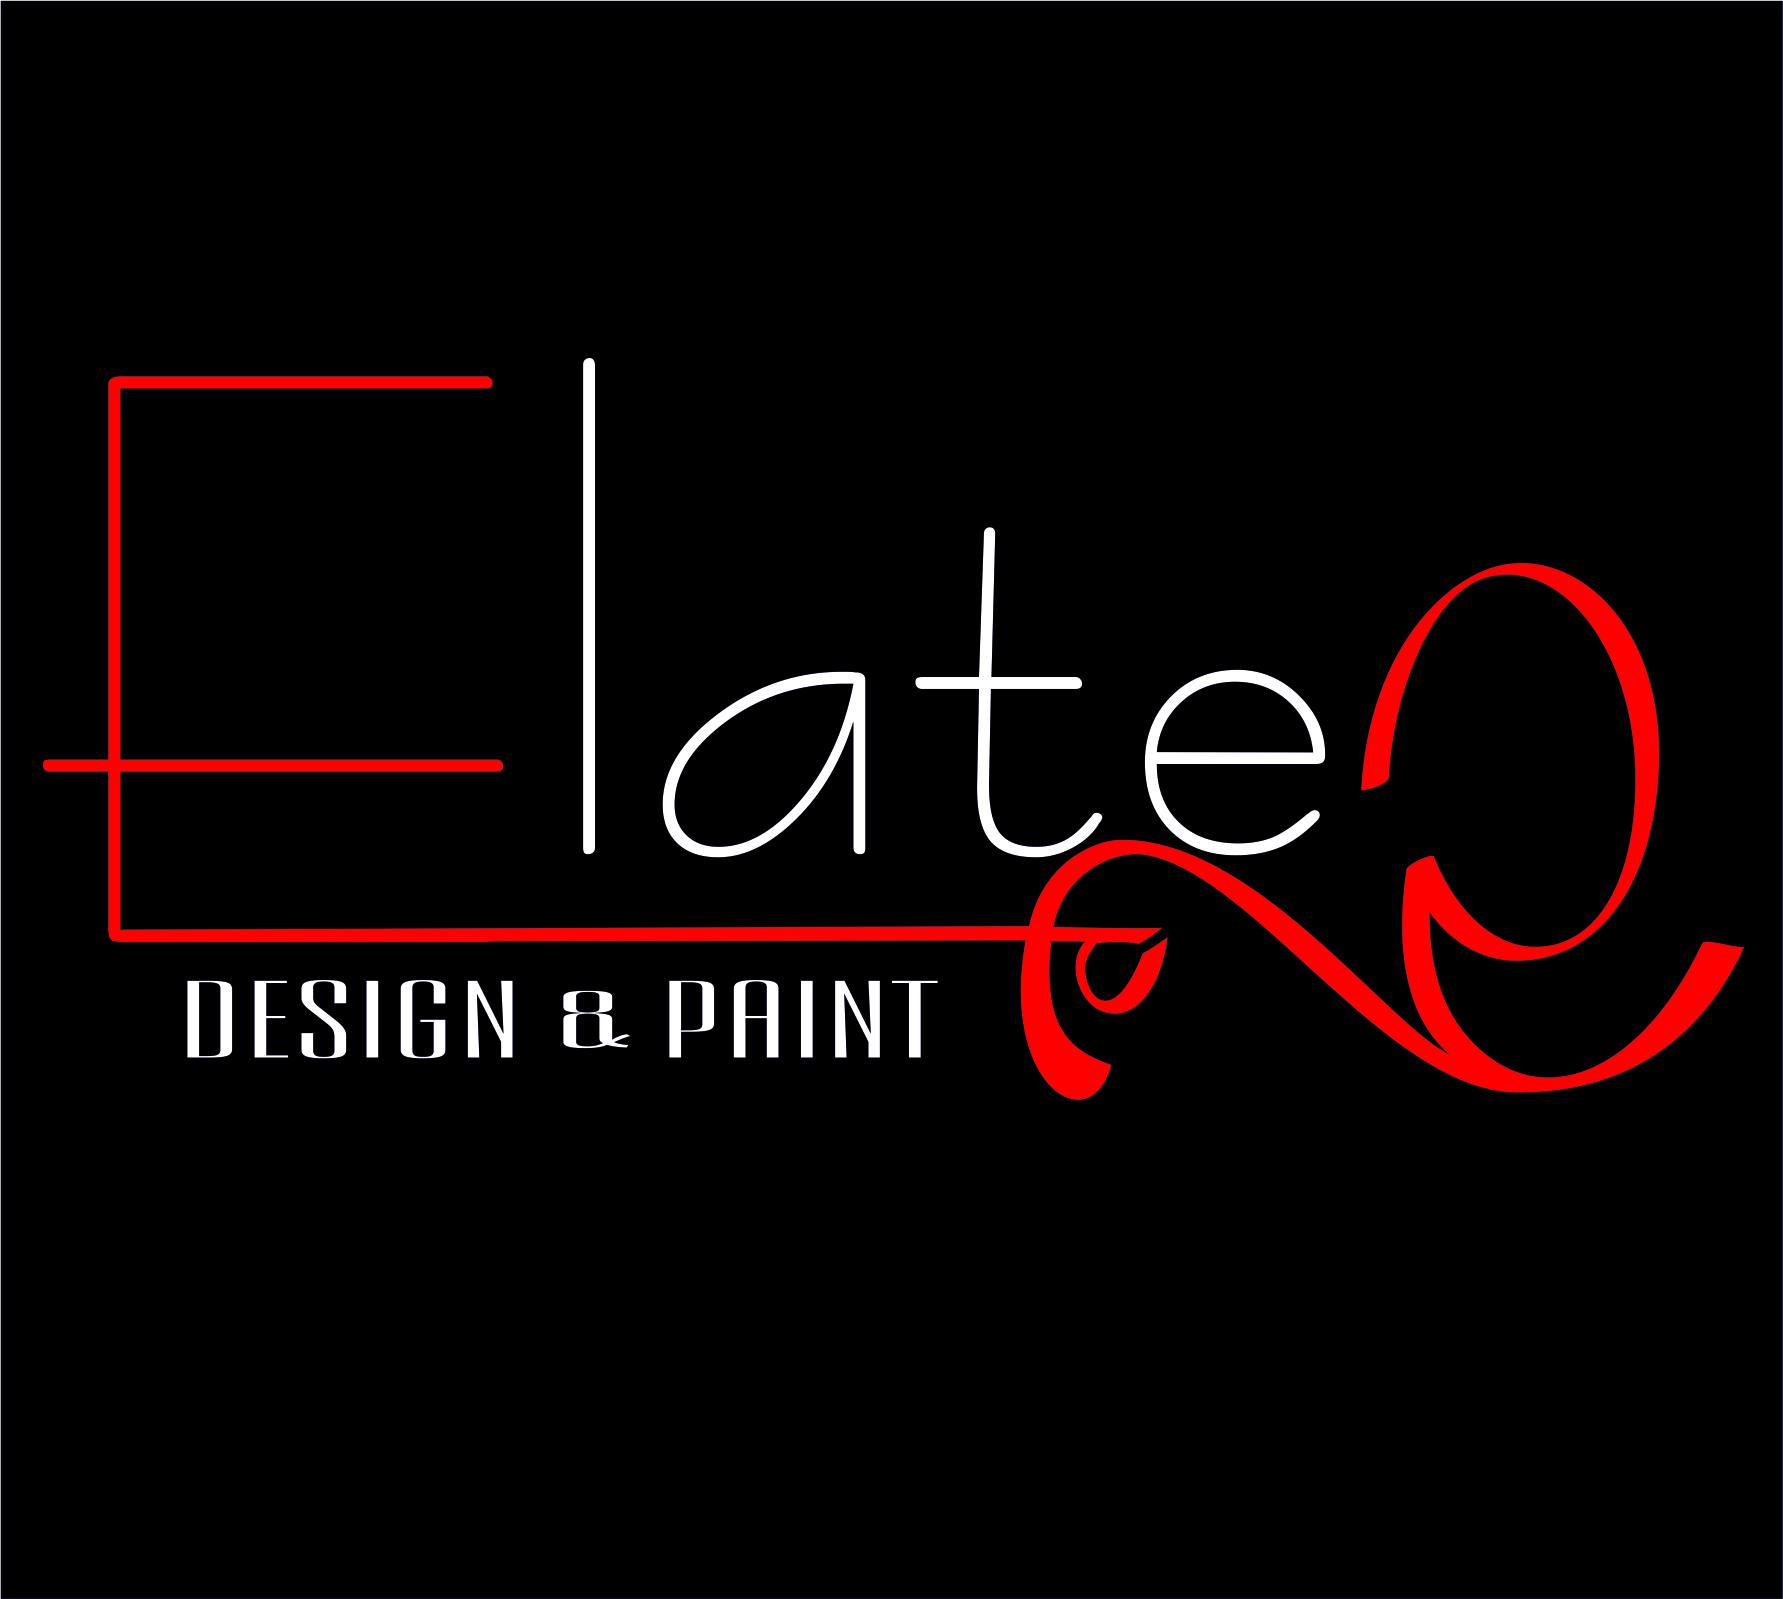 Elate Design